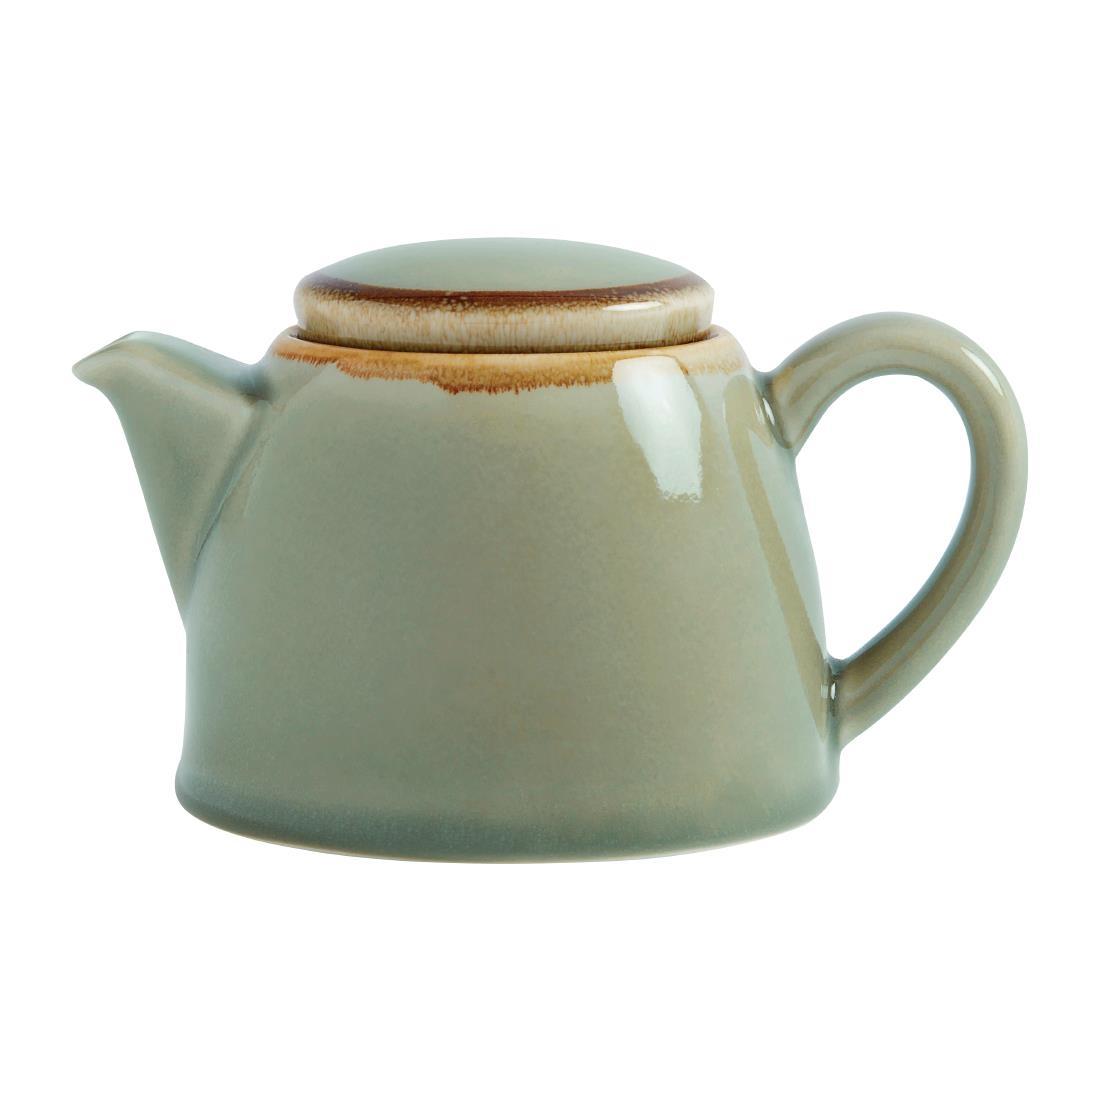 Teapot - Moss